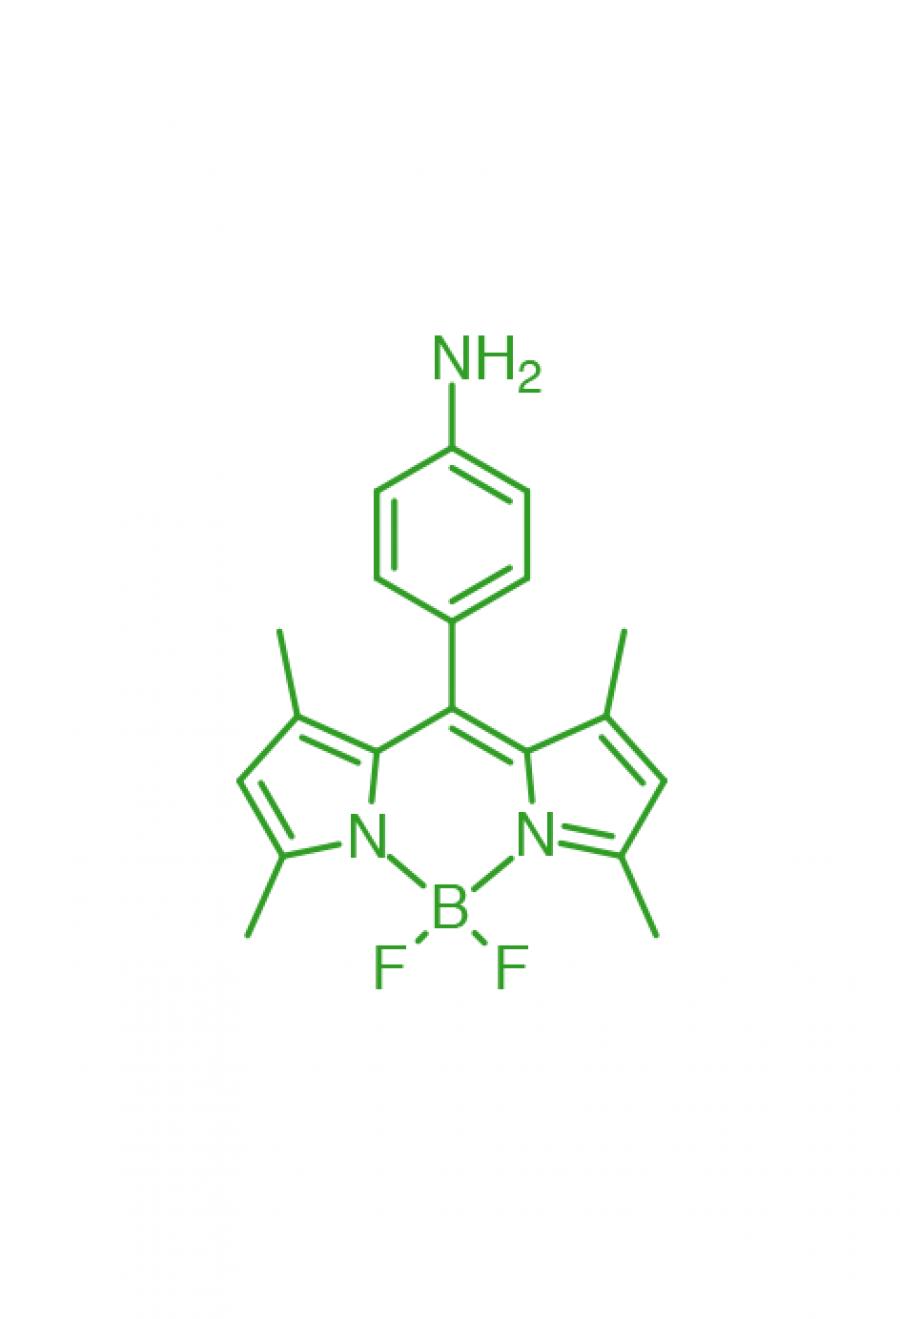 1,3,5,7-tetramethyl-8-(4-aminophenyl)BODIPY